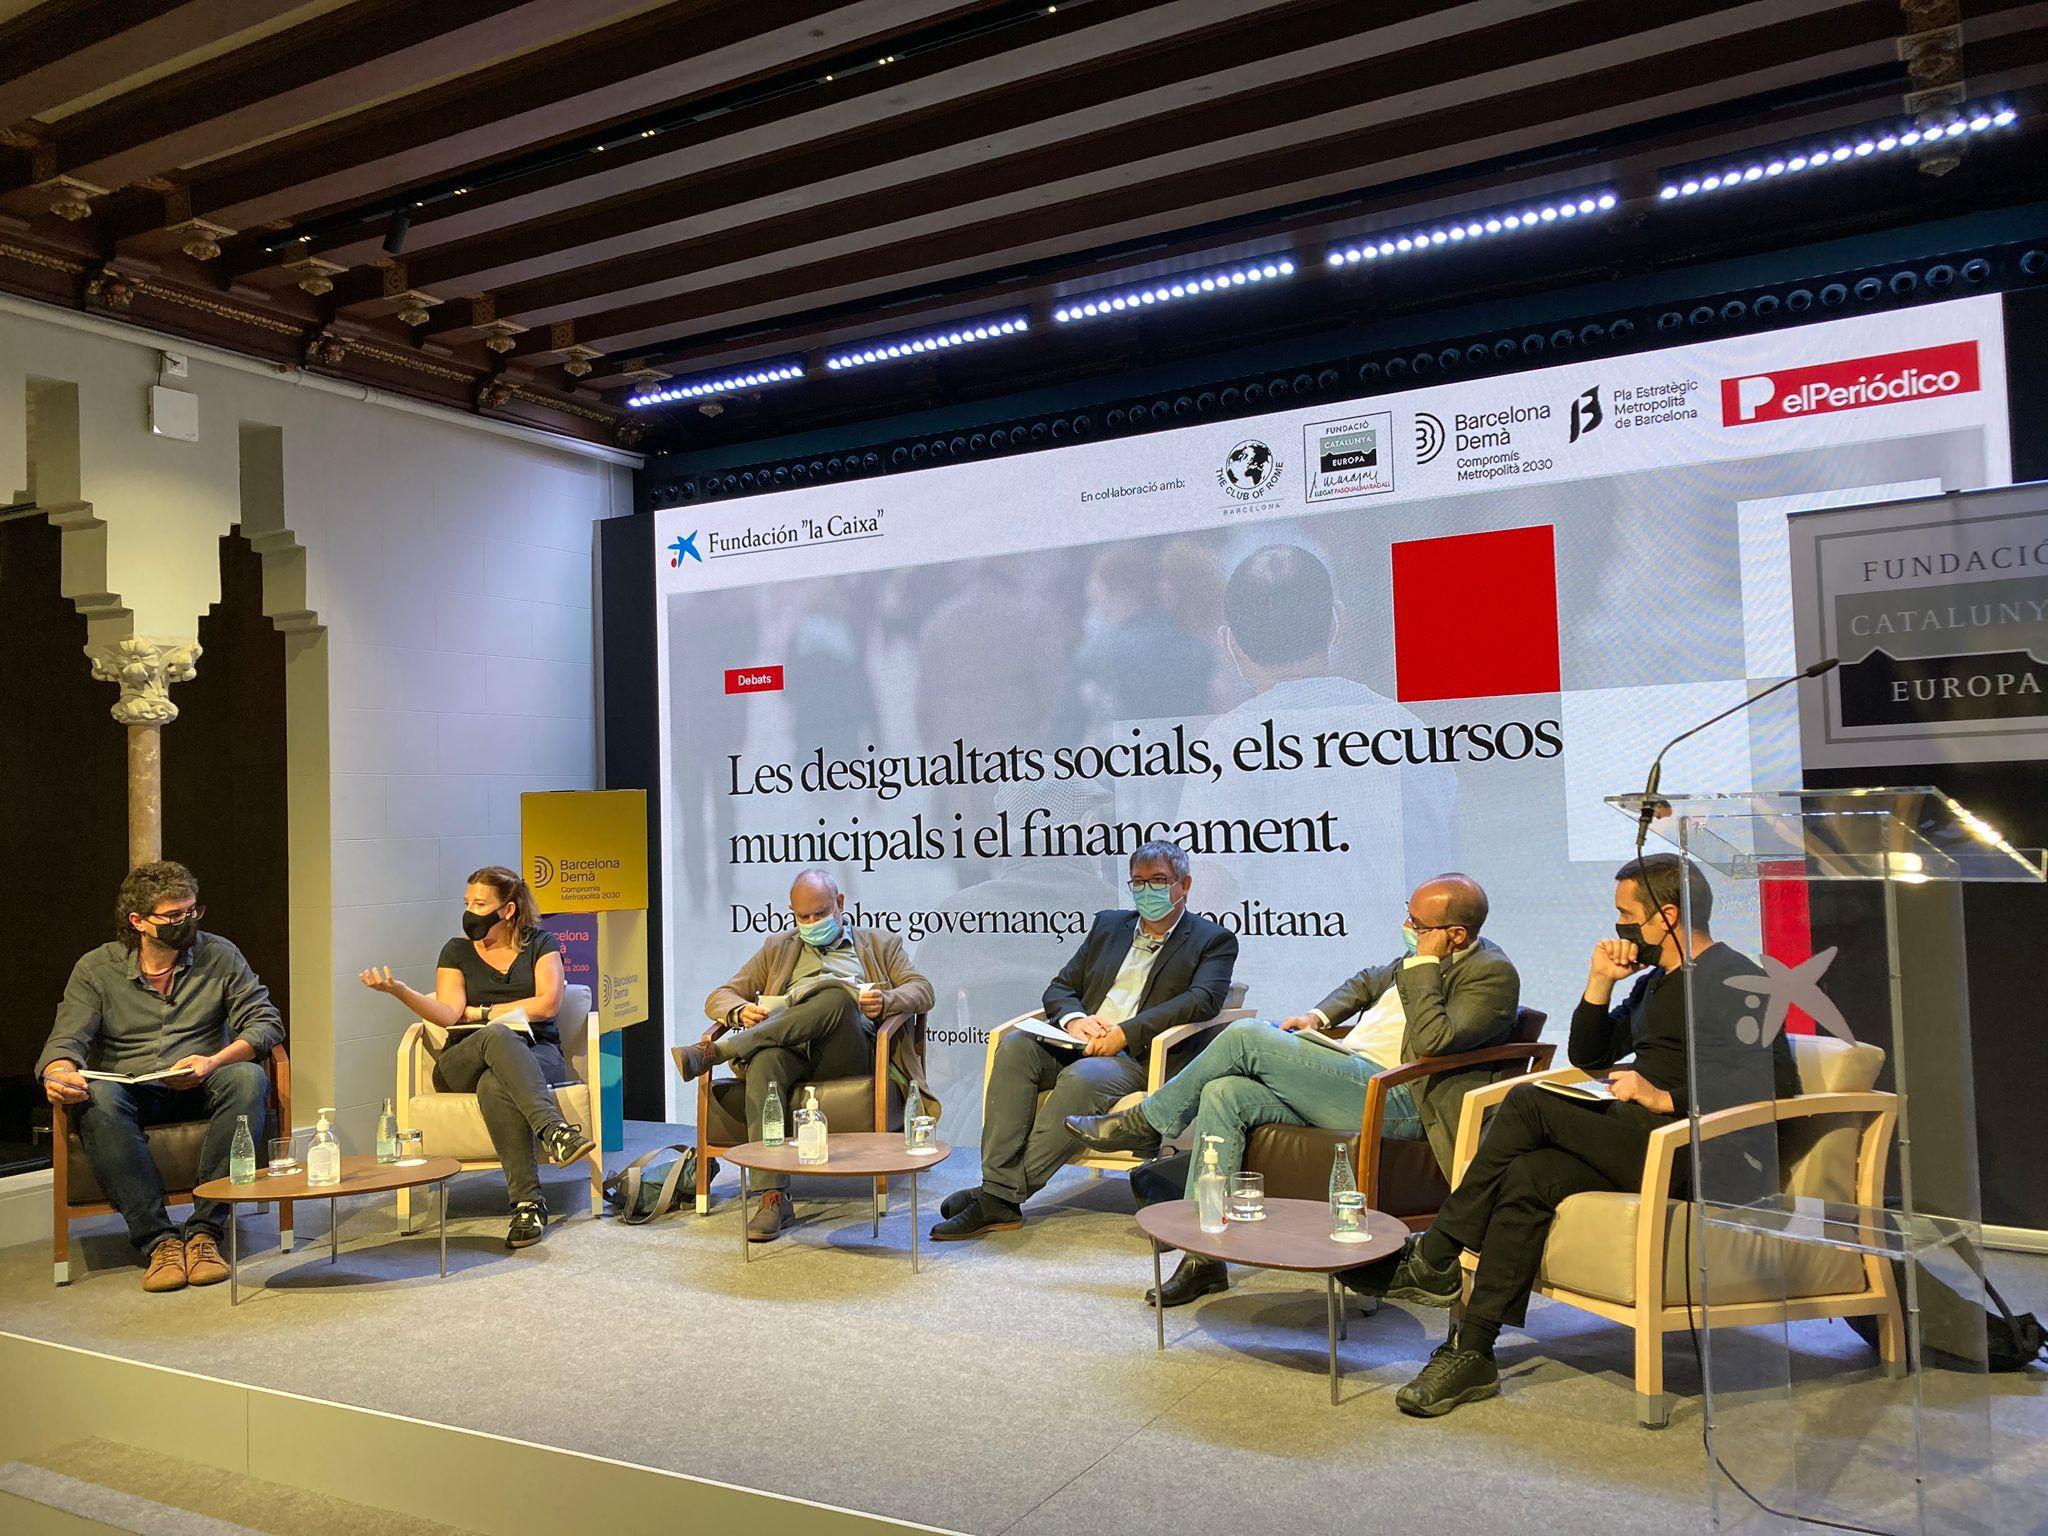 1a taula: La segregació urbana i les desigualtats socials a la Barcelona metropolitana